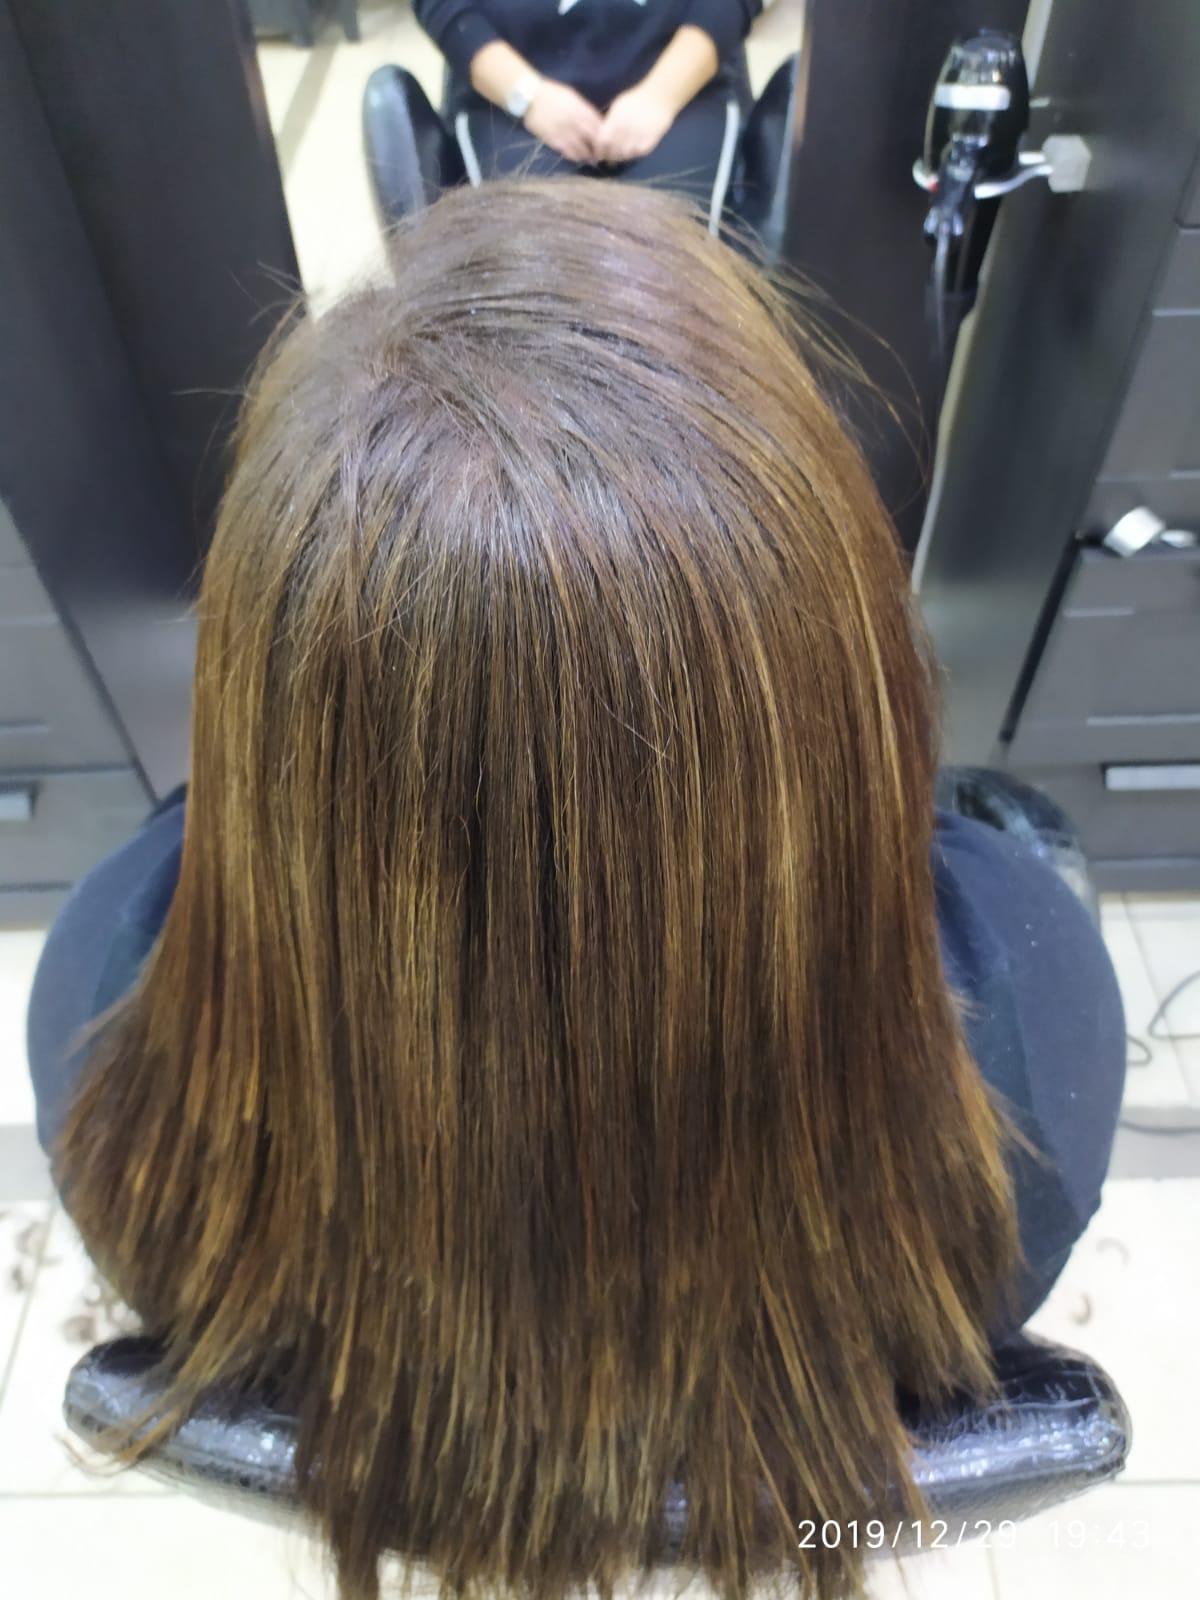 שיקום שיער בטכנולוגית R4 אחרי